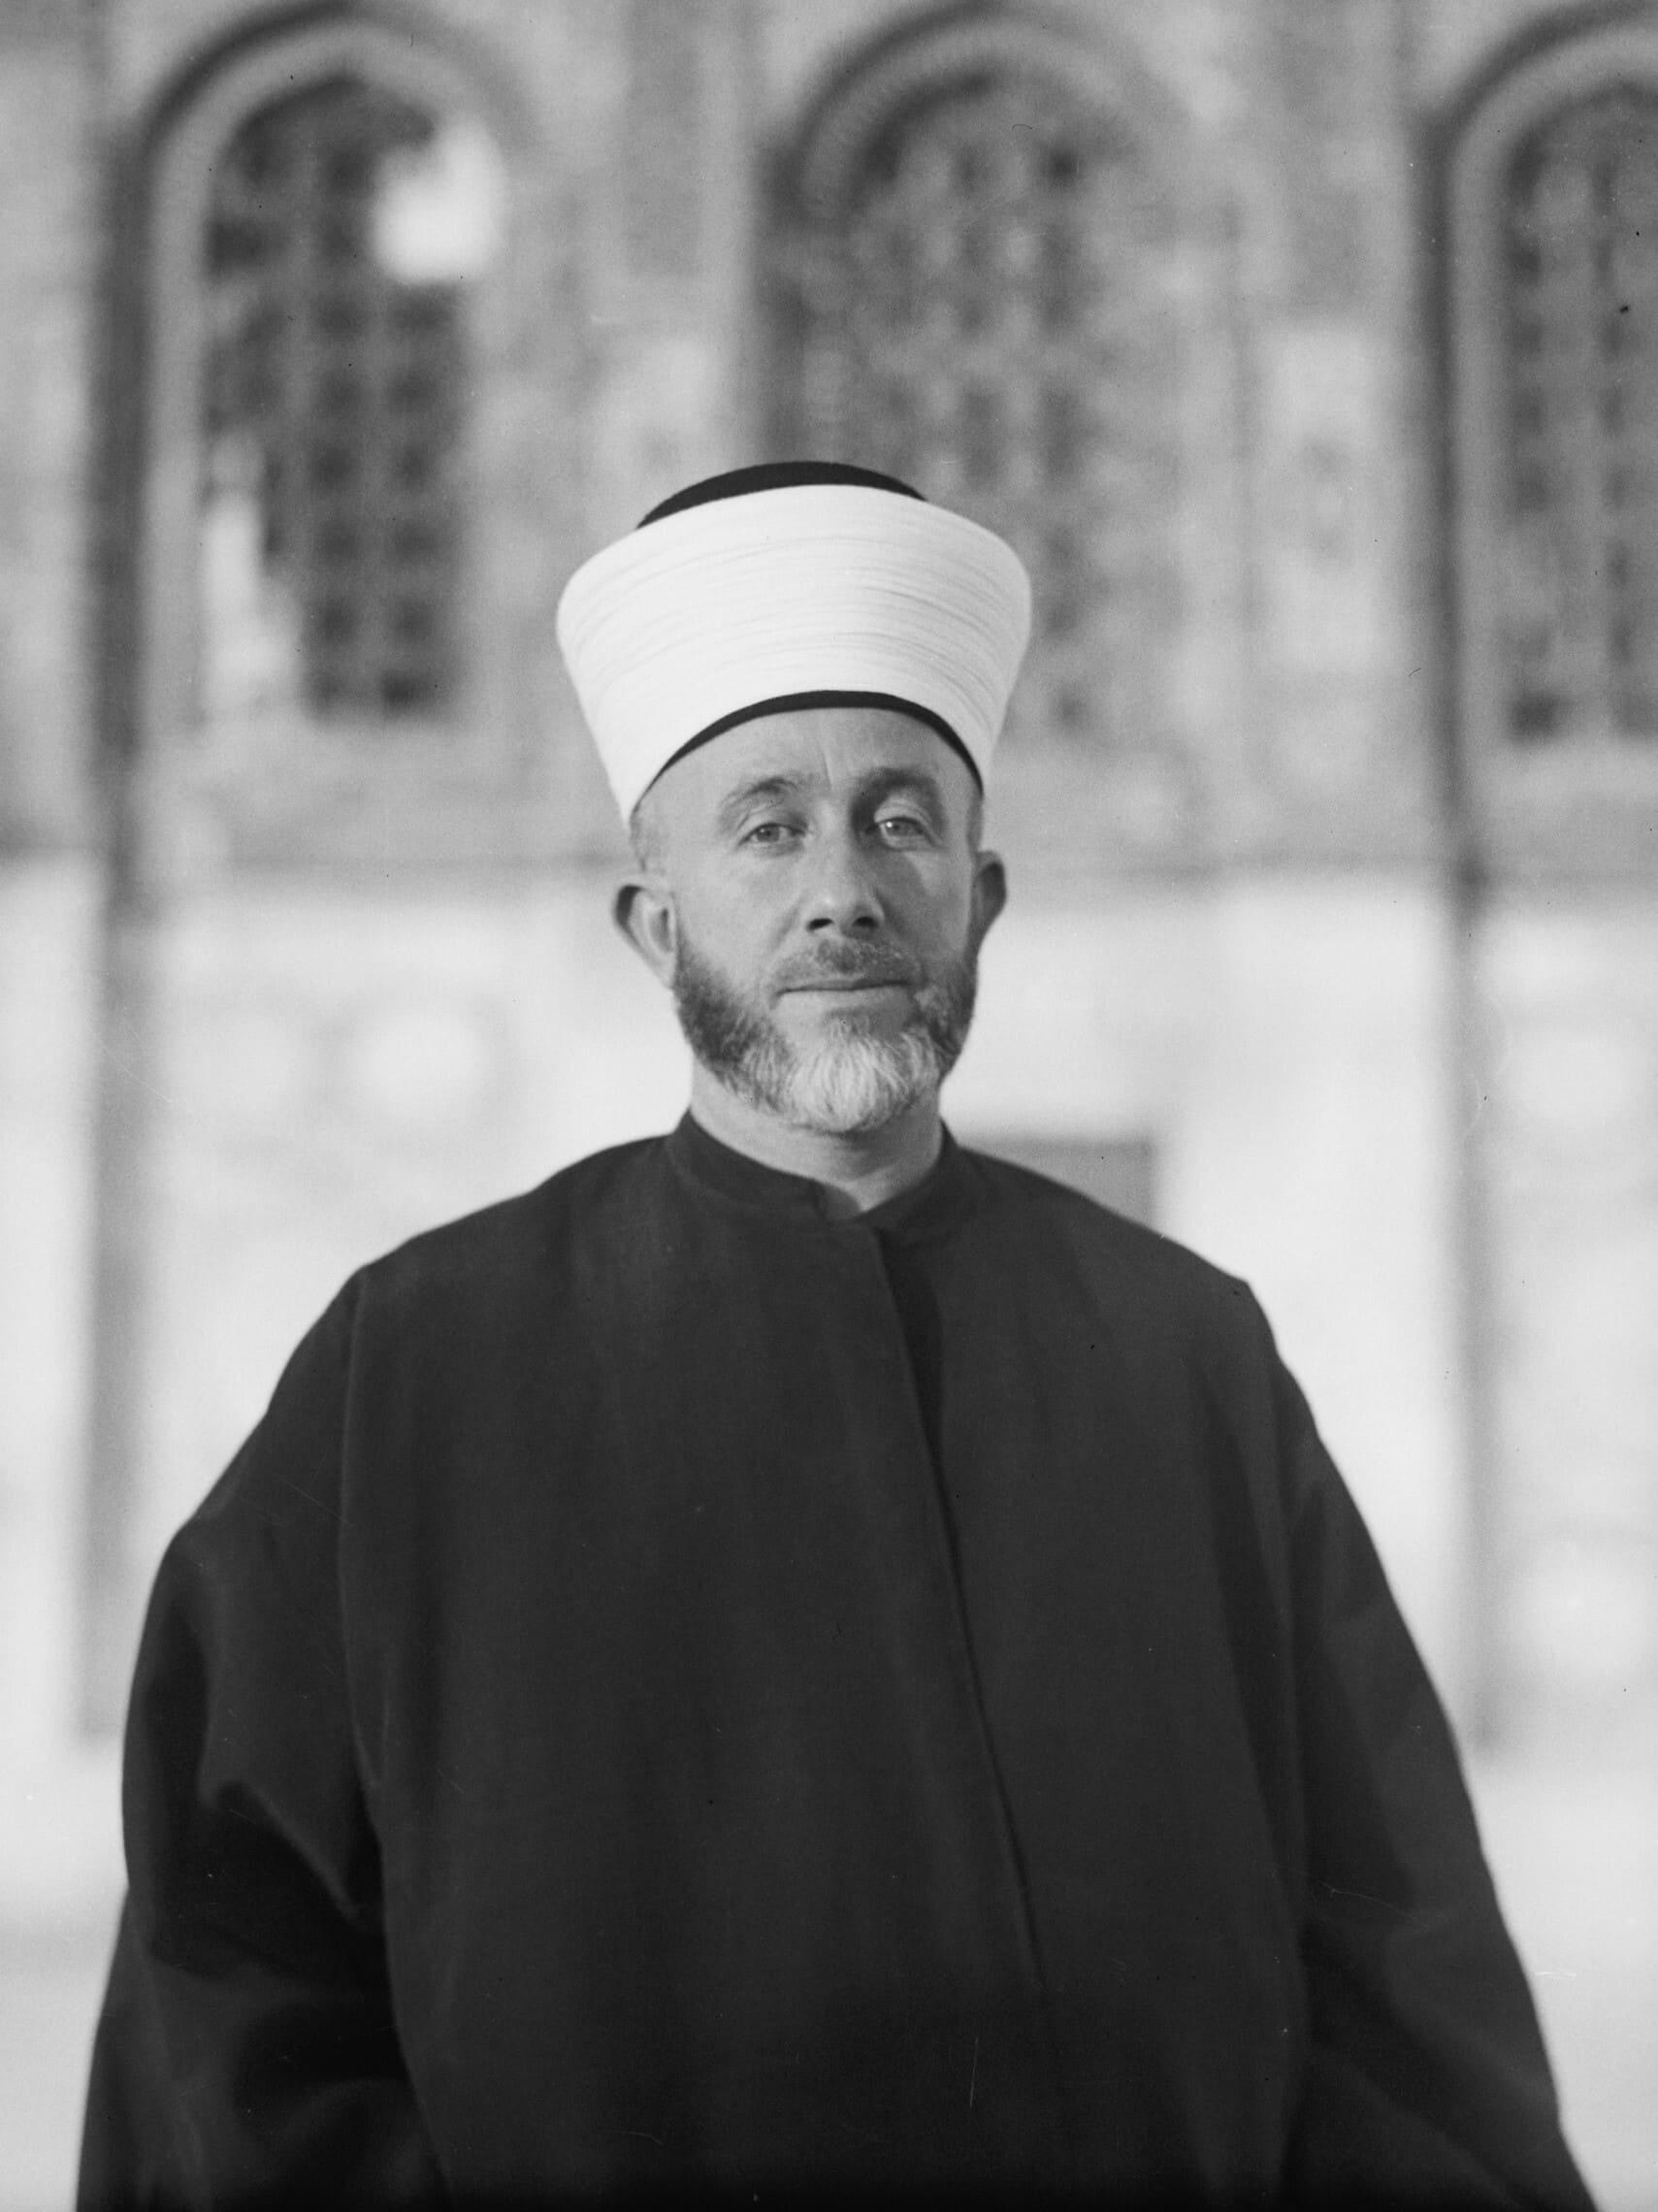 המופתי של ירושלים חאג' אמין אל-חוסייני ב-1929